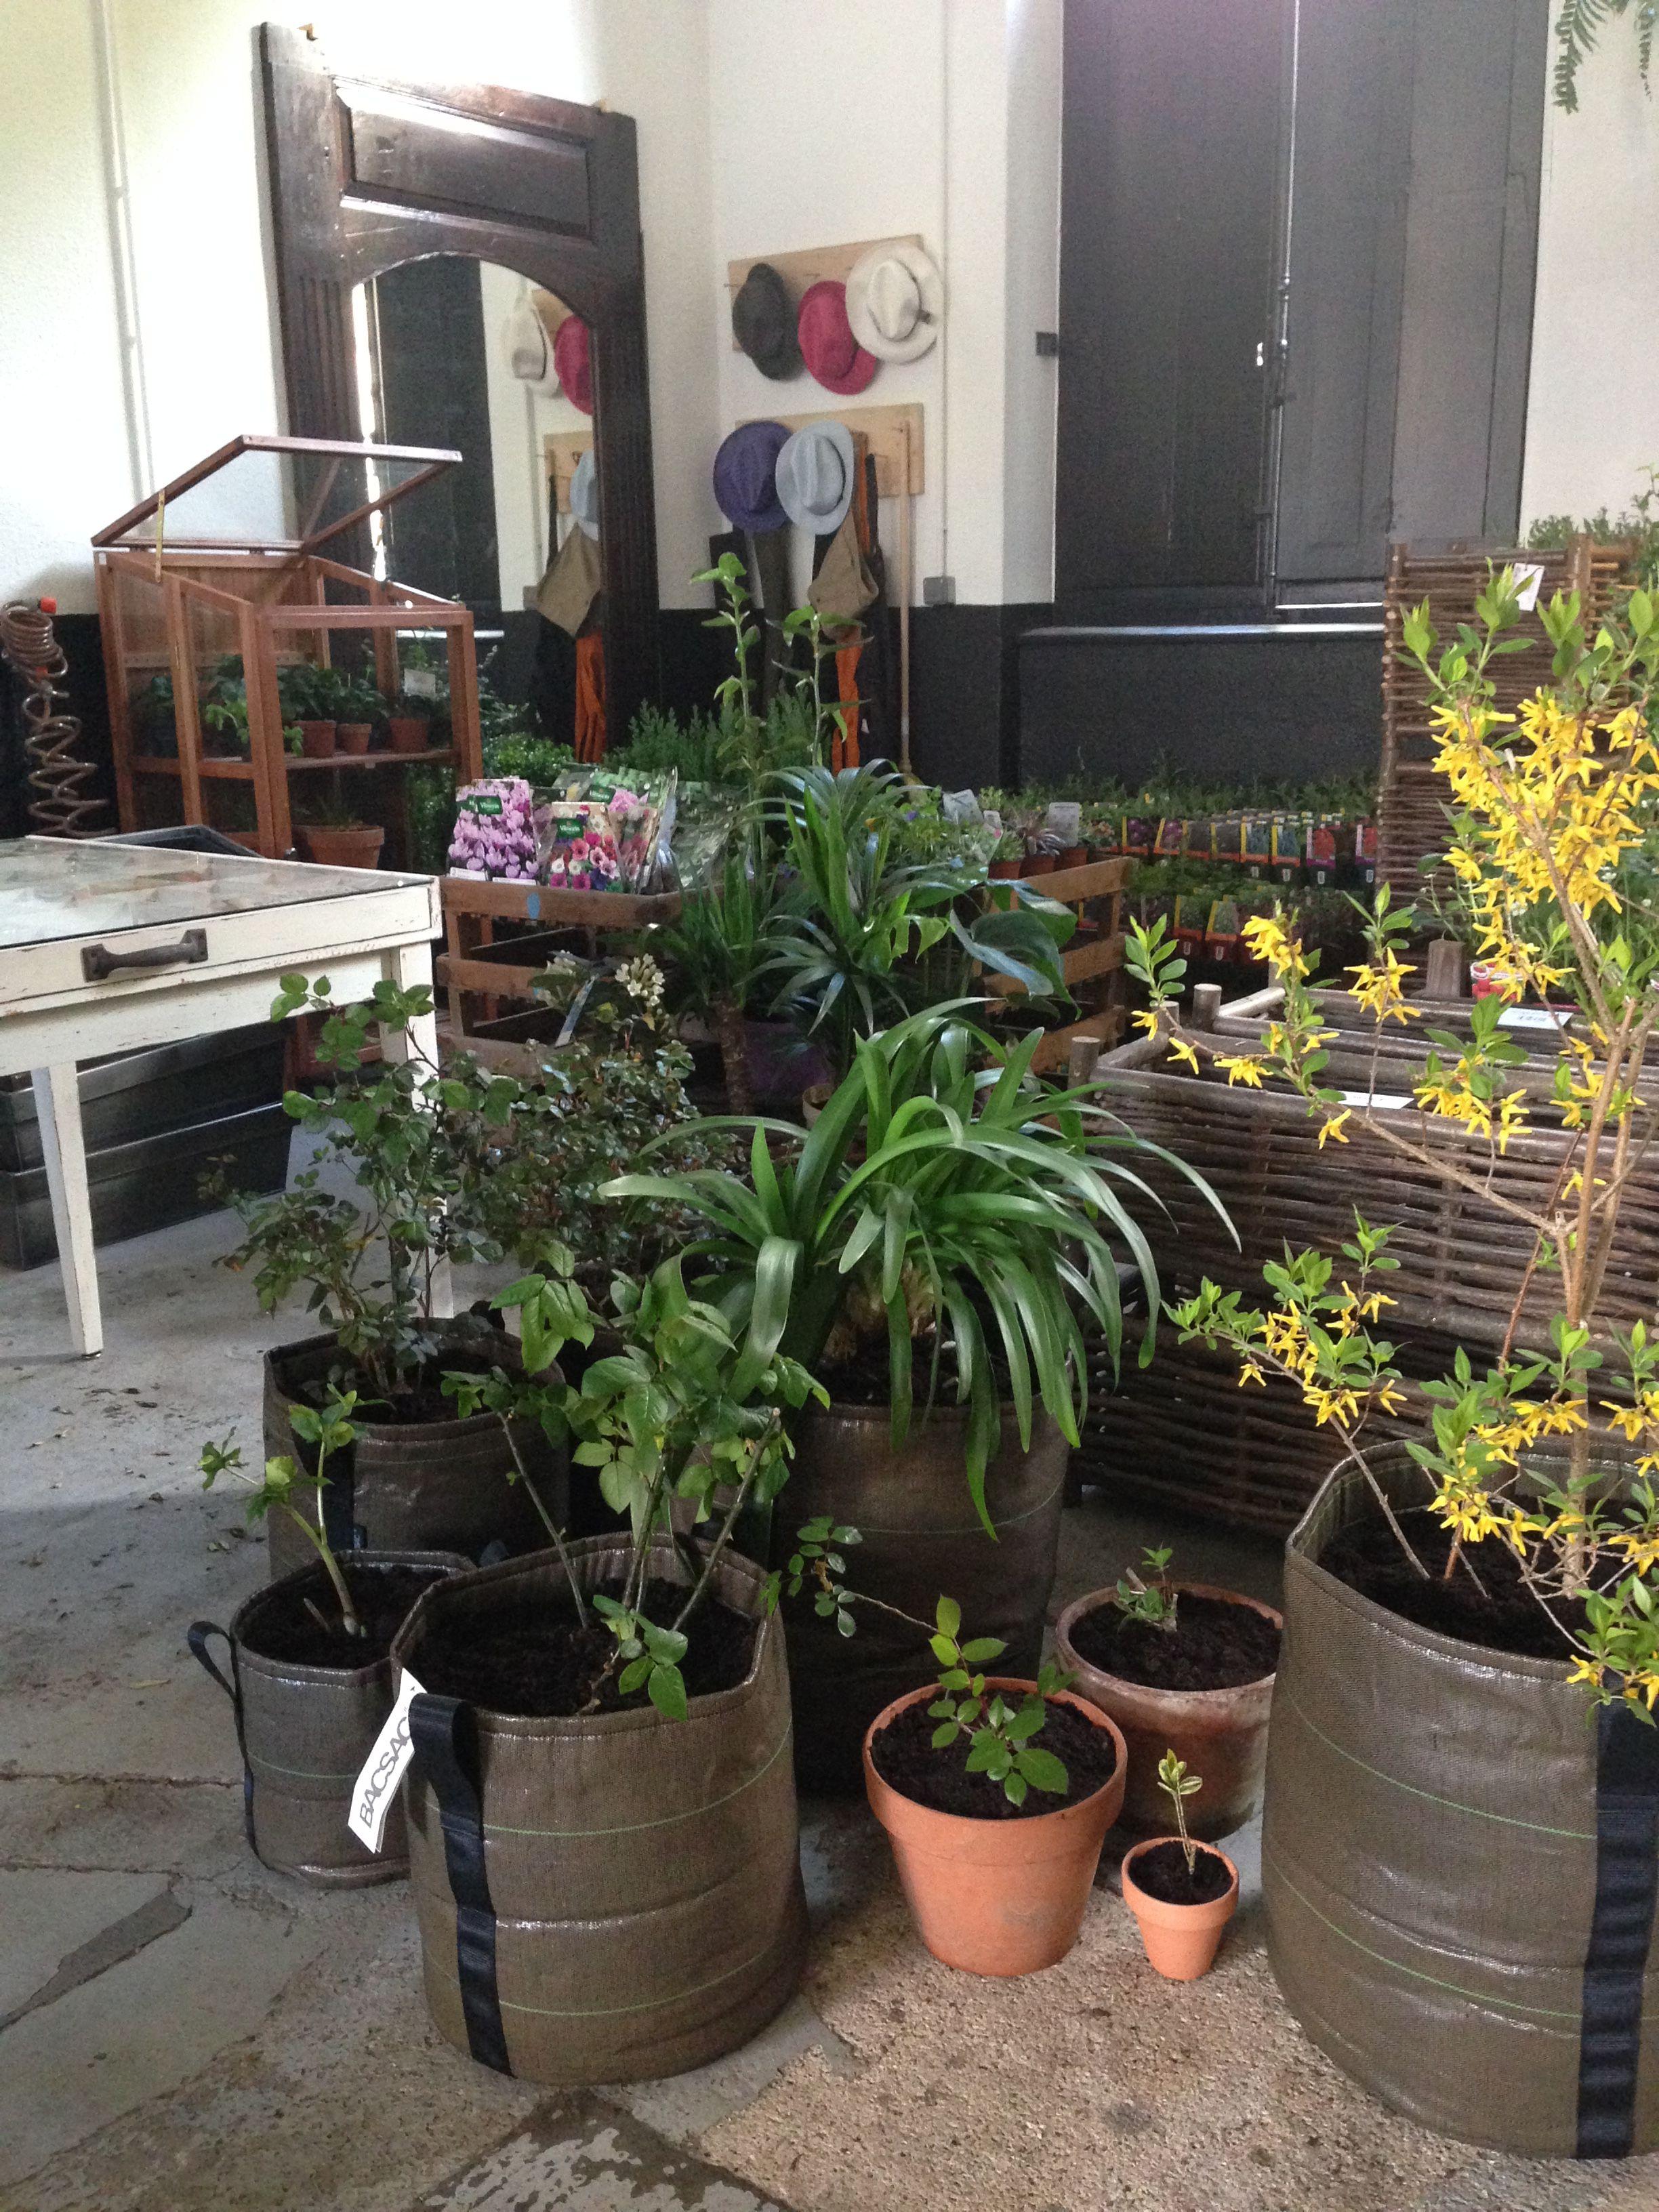 la jolie jardinerie urbaine lyon du vert au balcon propose une s lection de produits bacsac. Black Bedroom Furniture Sets. Home Design Ideas